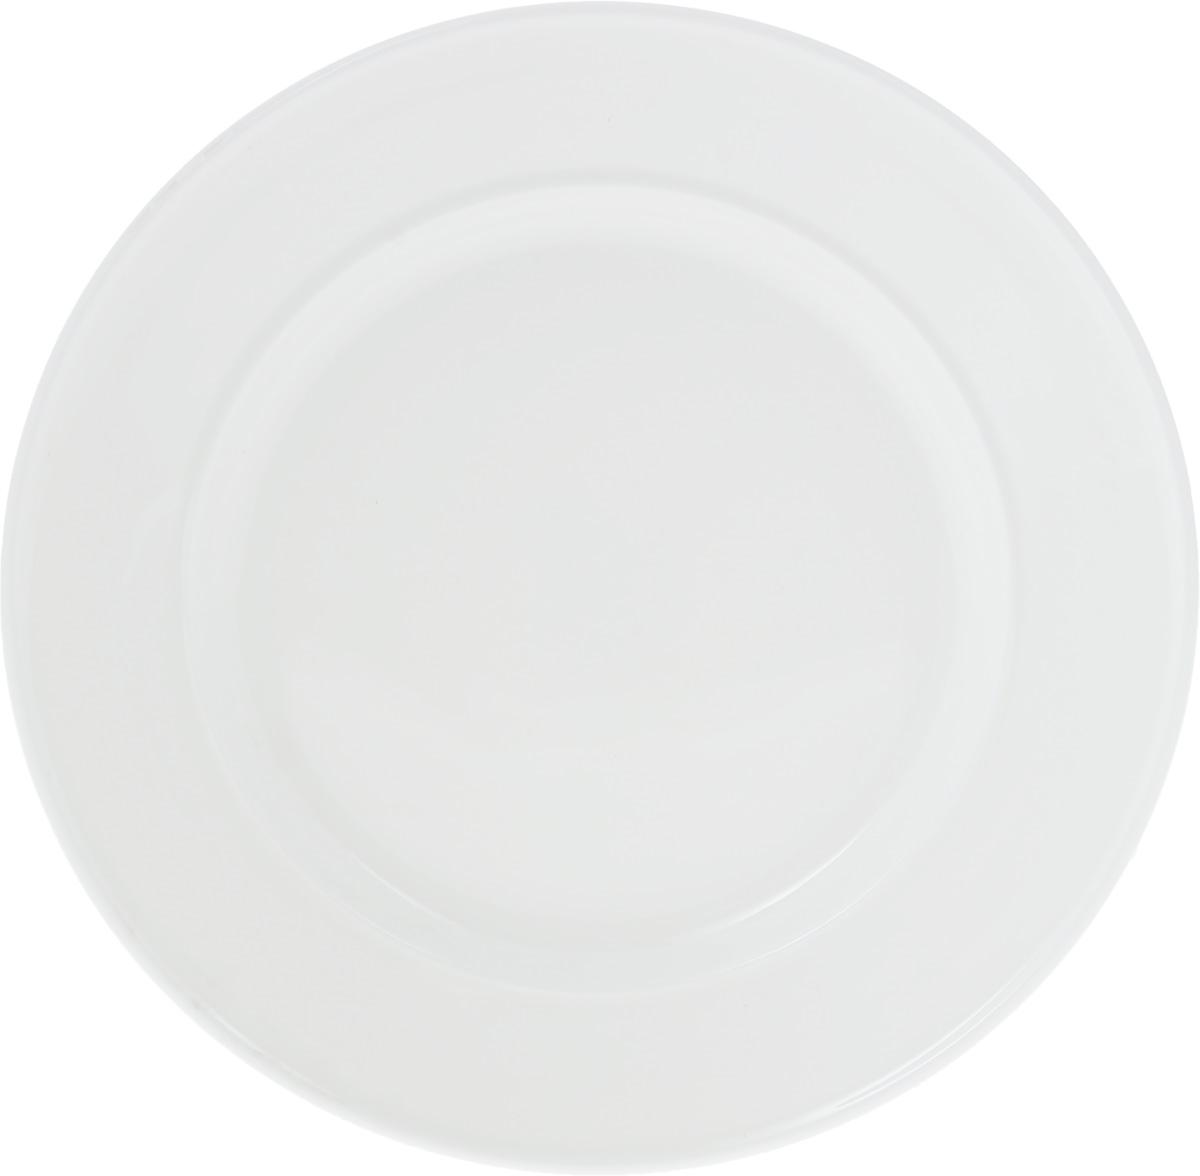 Тарелка Wilmax, диаметр 20,5 смWL-991240 / AТарелка Wilmax, изготовленная из высококачественного фарфора, имеет оригинальную. Изящный дизайн придется по вкусу и ценителям классики, и тем, кто предпочитает утонченность и изысканность. Тарелка Wilmax идеально подойдет для сервировки стола и станет отличным подарком к любому празднику.